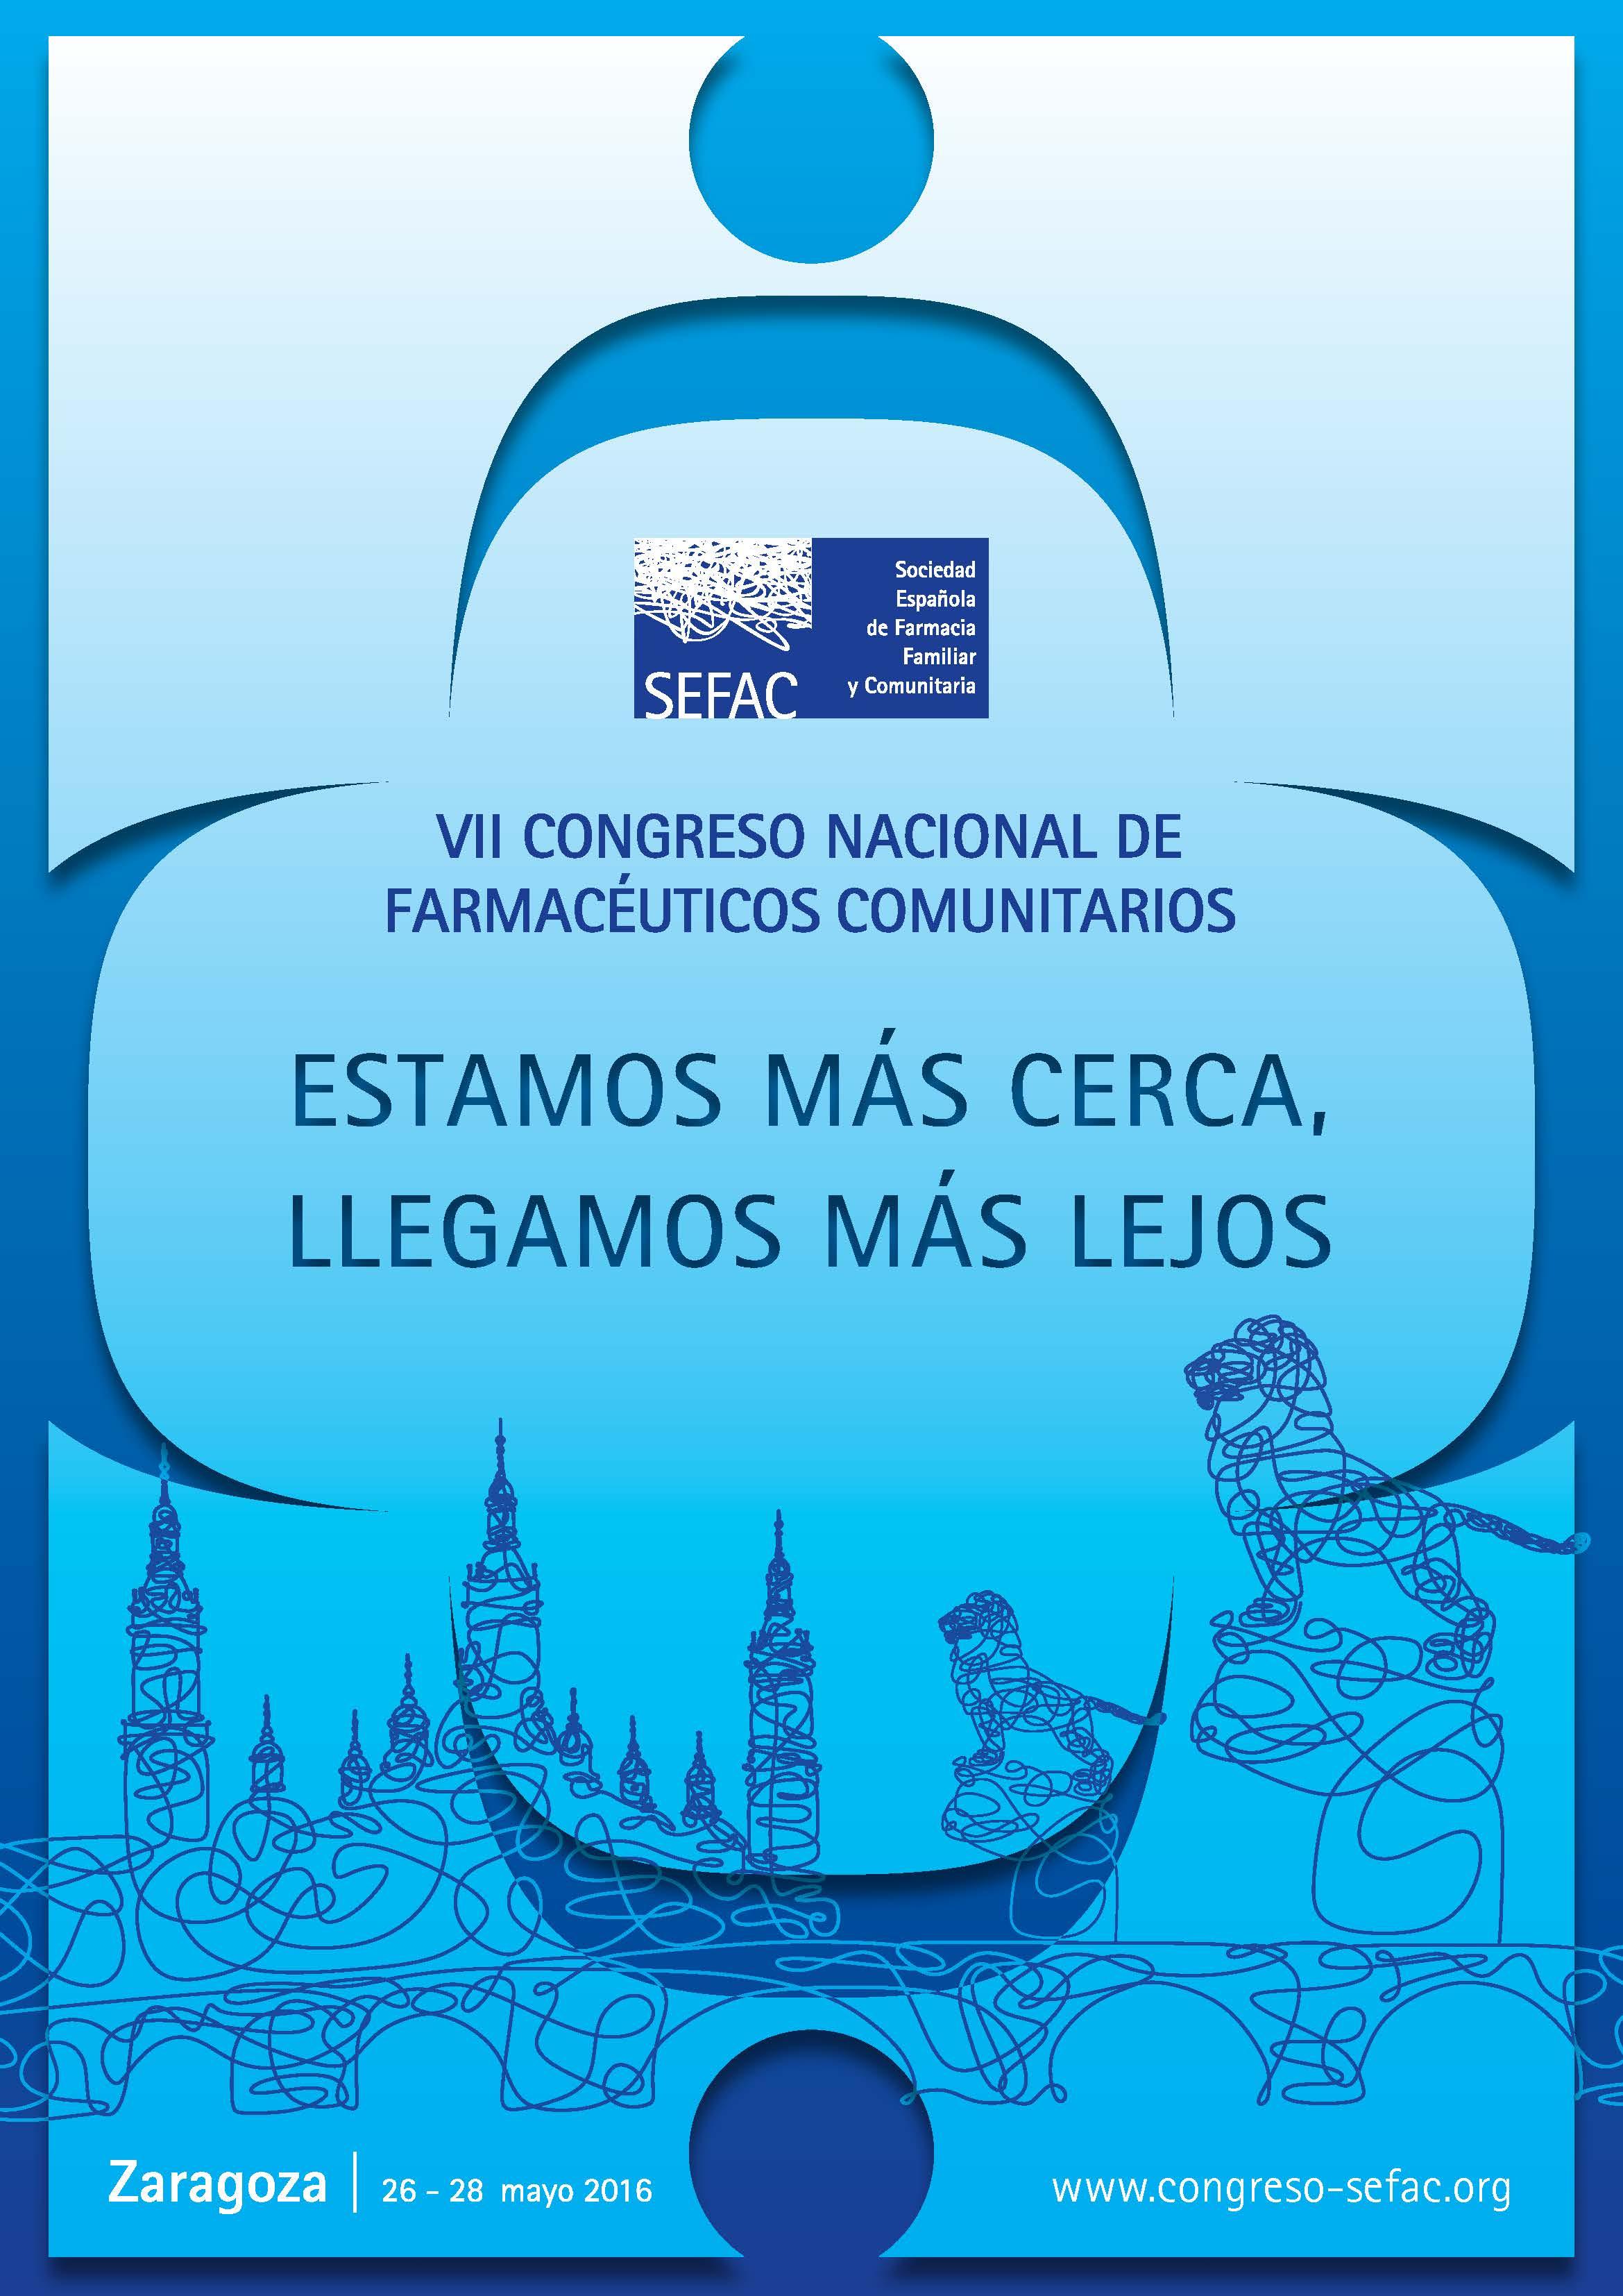 SEFAC2016_Cartel Congreso